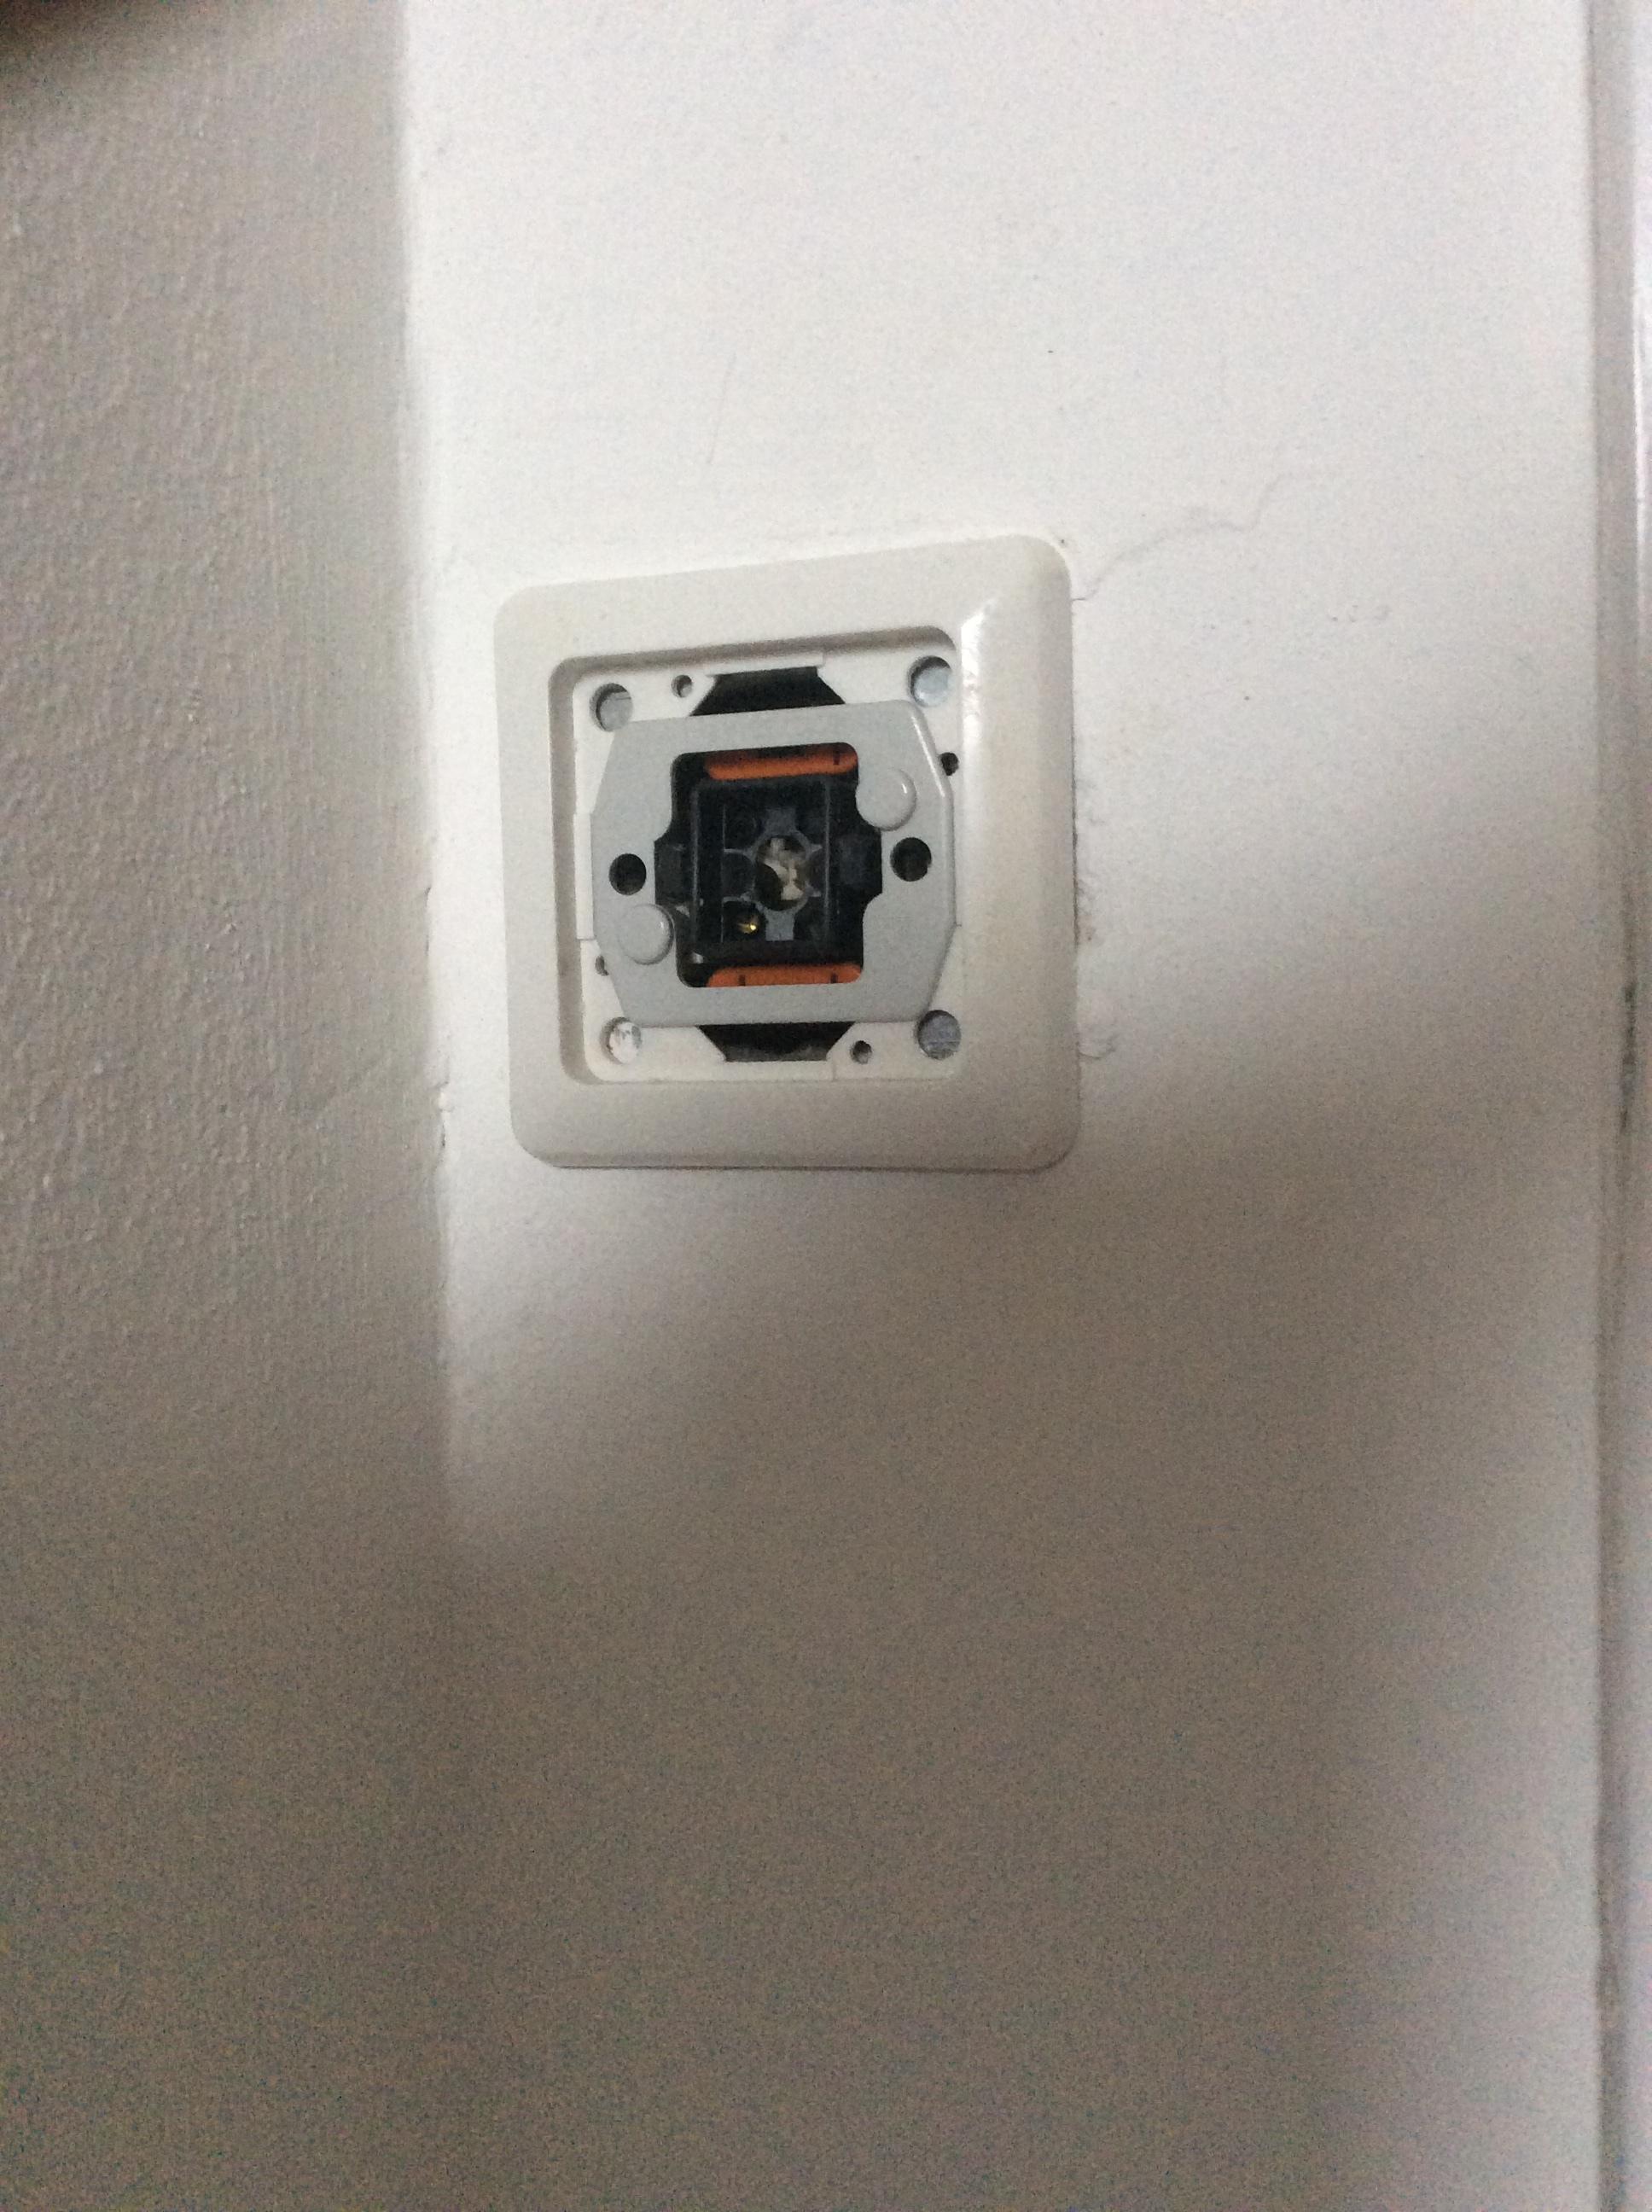 Hersteller dieses Lichtschalters? | wer-weiss-was.de